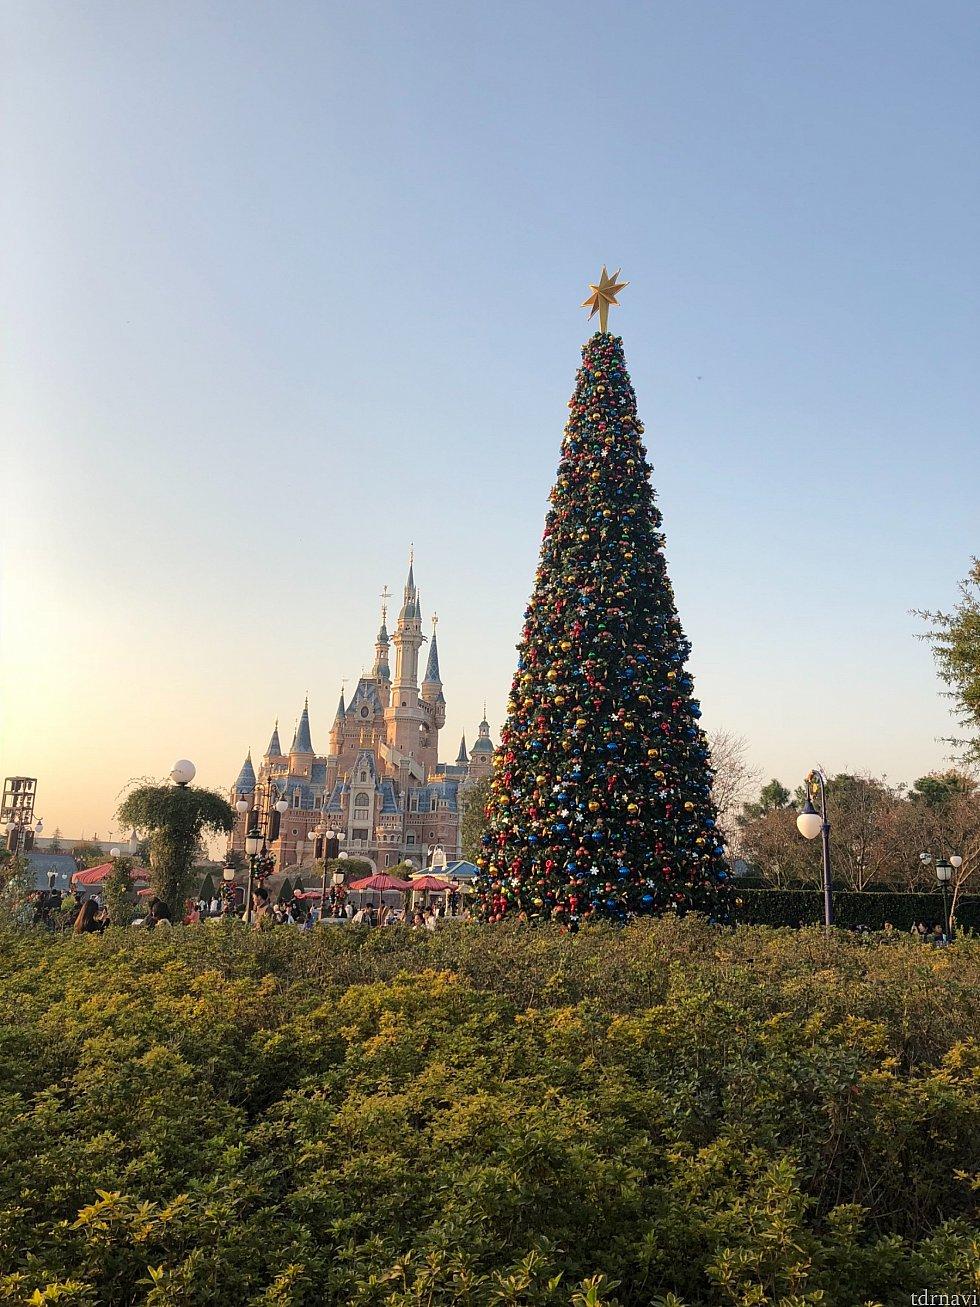 ②のツリー後ろ。事前にツリーとお城が良く見えそうな場所を下見しました。